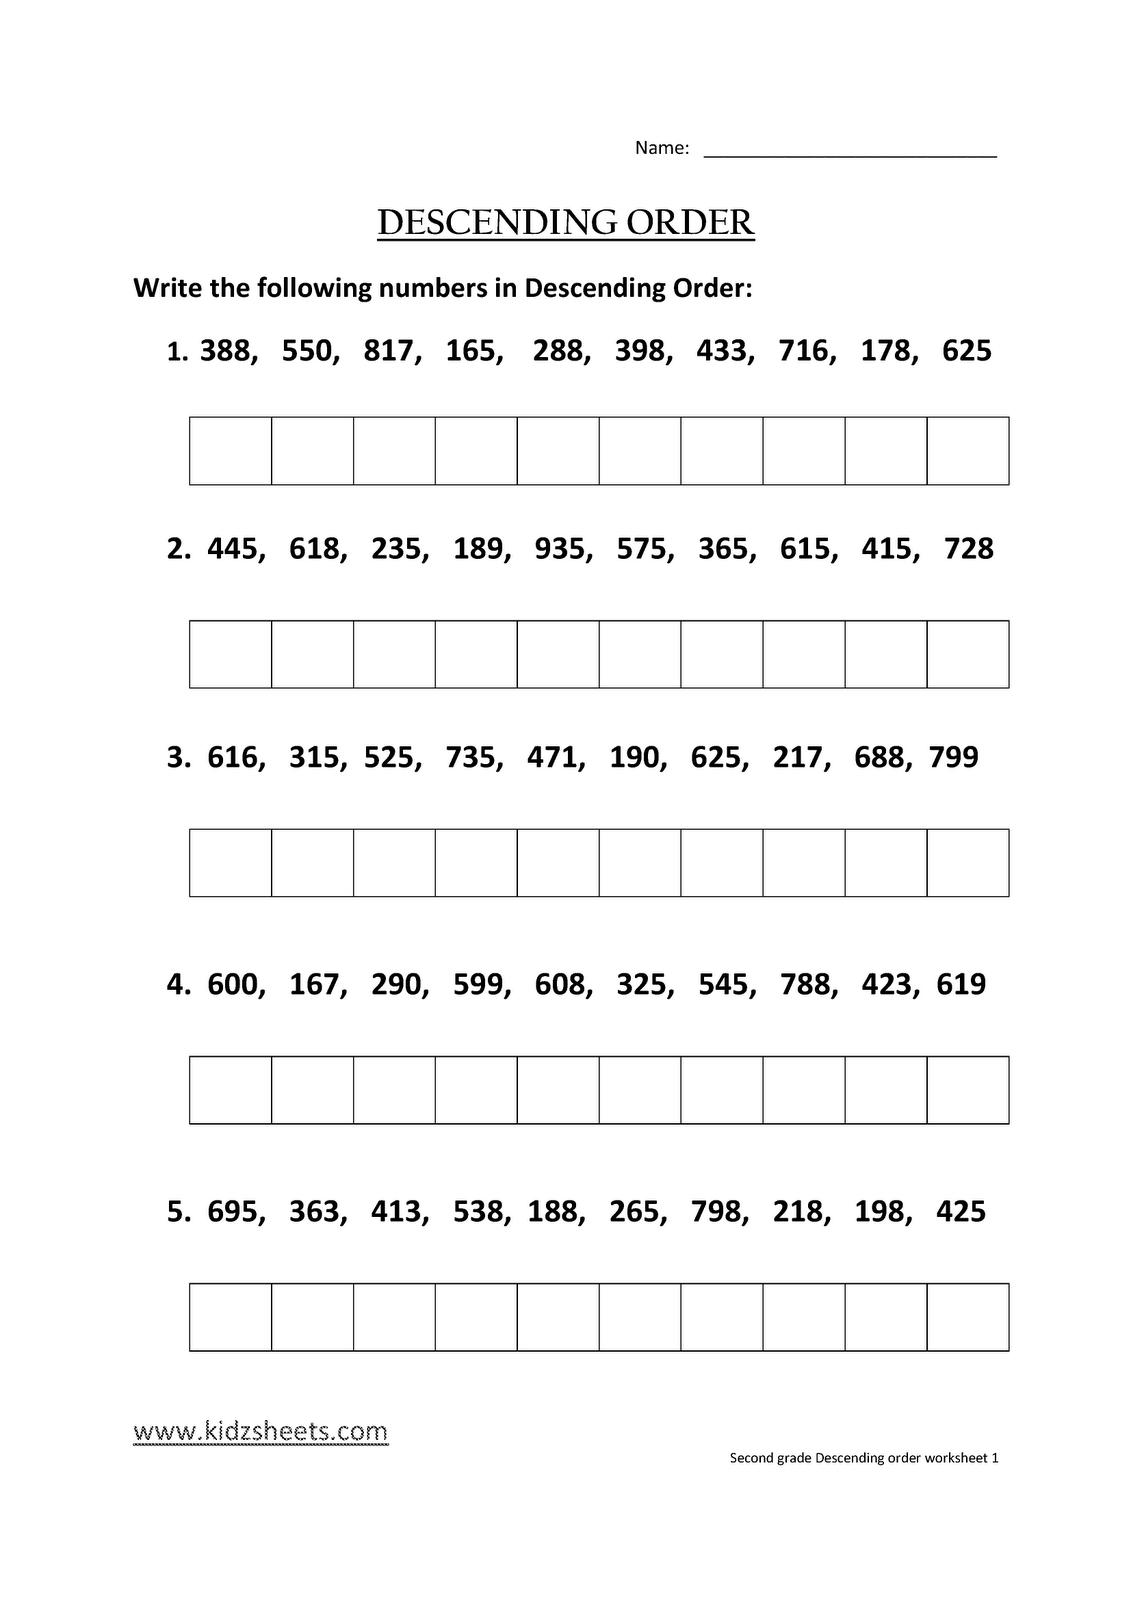 Math Worksheets For Grade 1 Ascending And Descending Order 677747